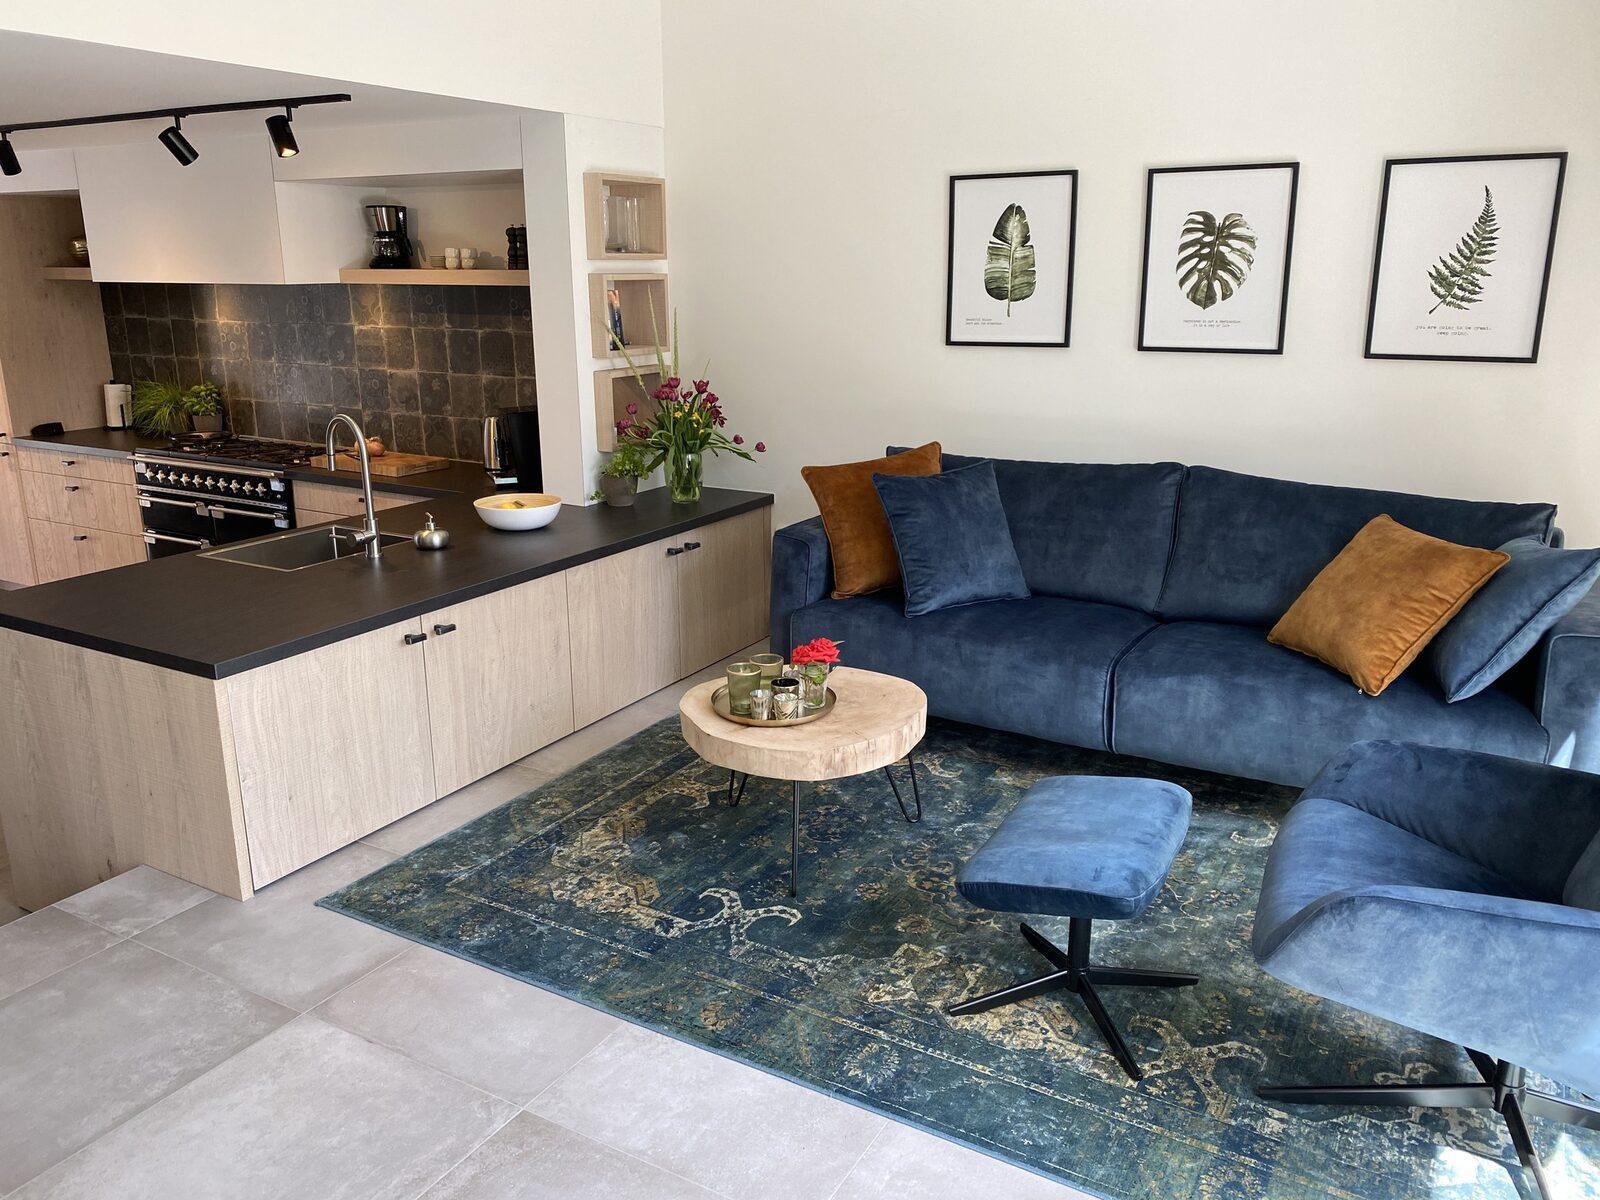 Ferienhaus für 6 Personen ca 120 m² in Nieuwvliet Bad Zeeland Küste von Zeeland